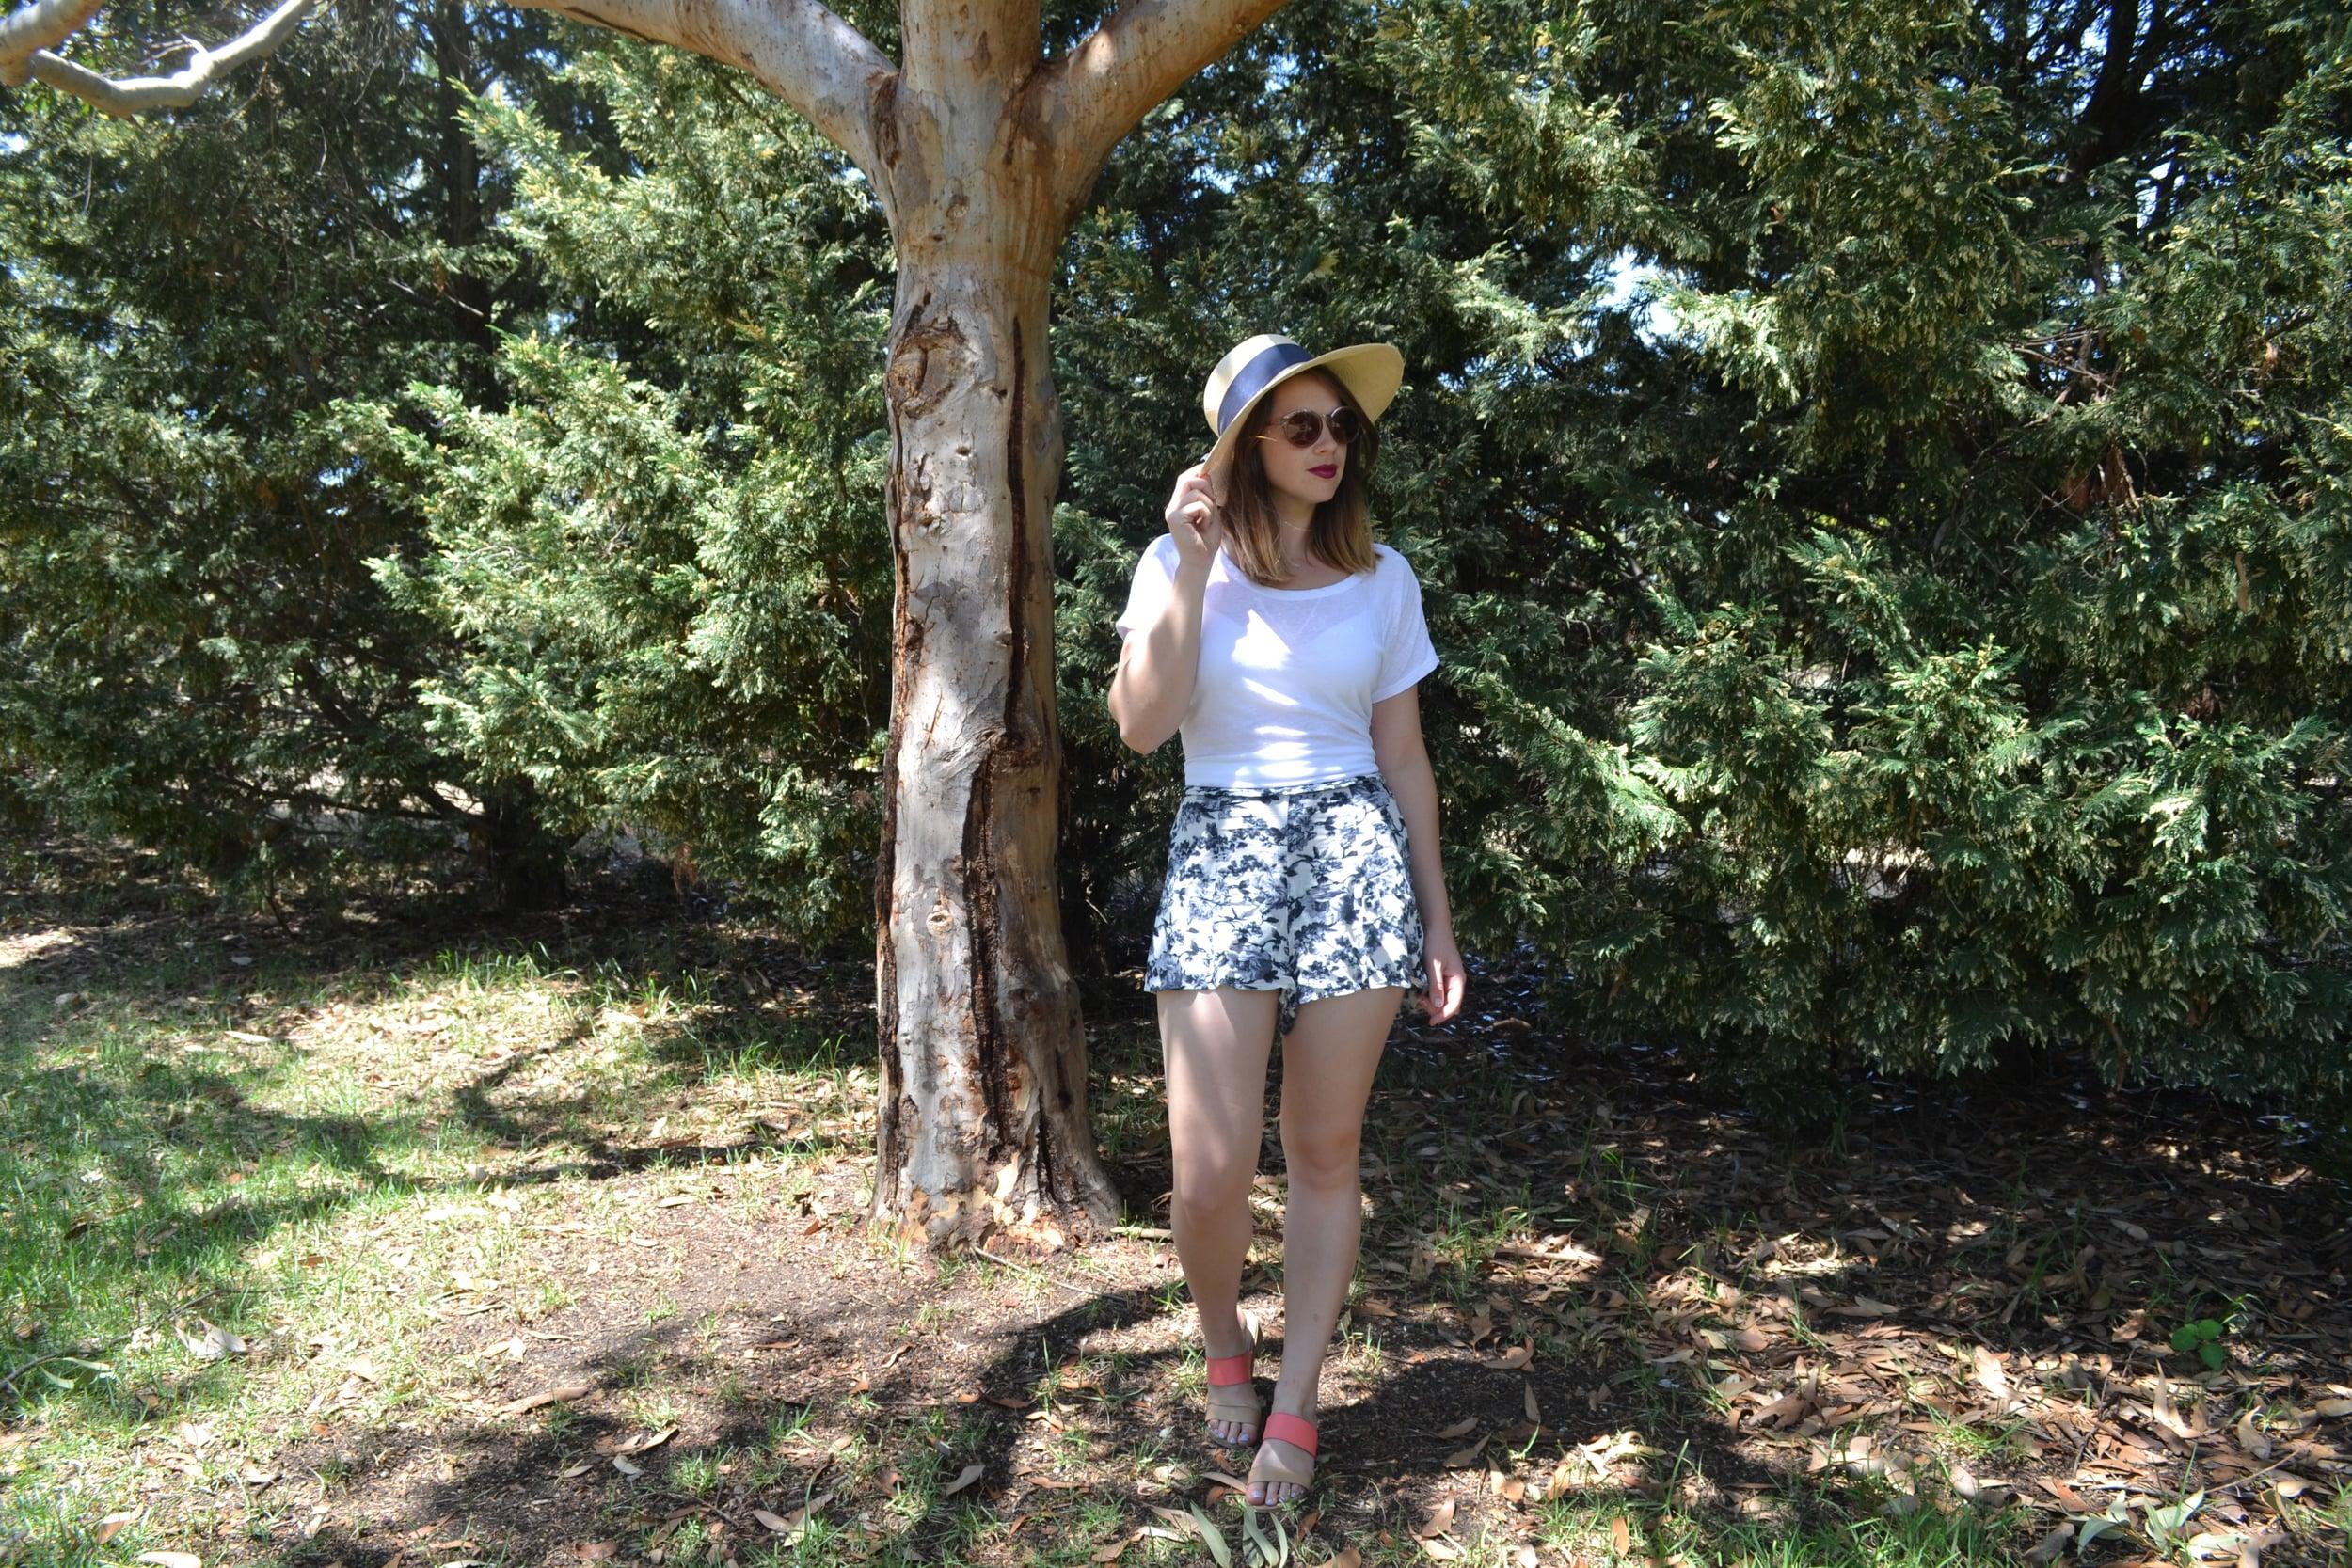 floral-shorts-summer-hat-colored-sandals-bonlook-forest